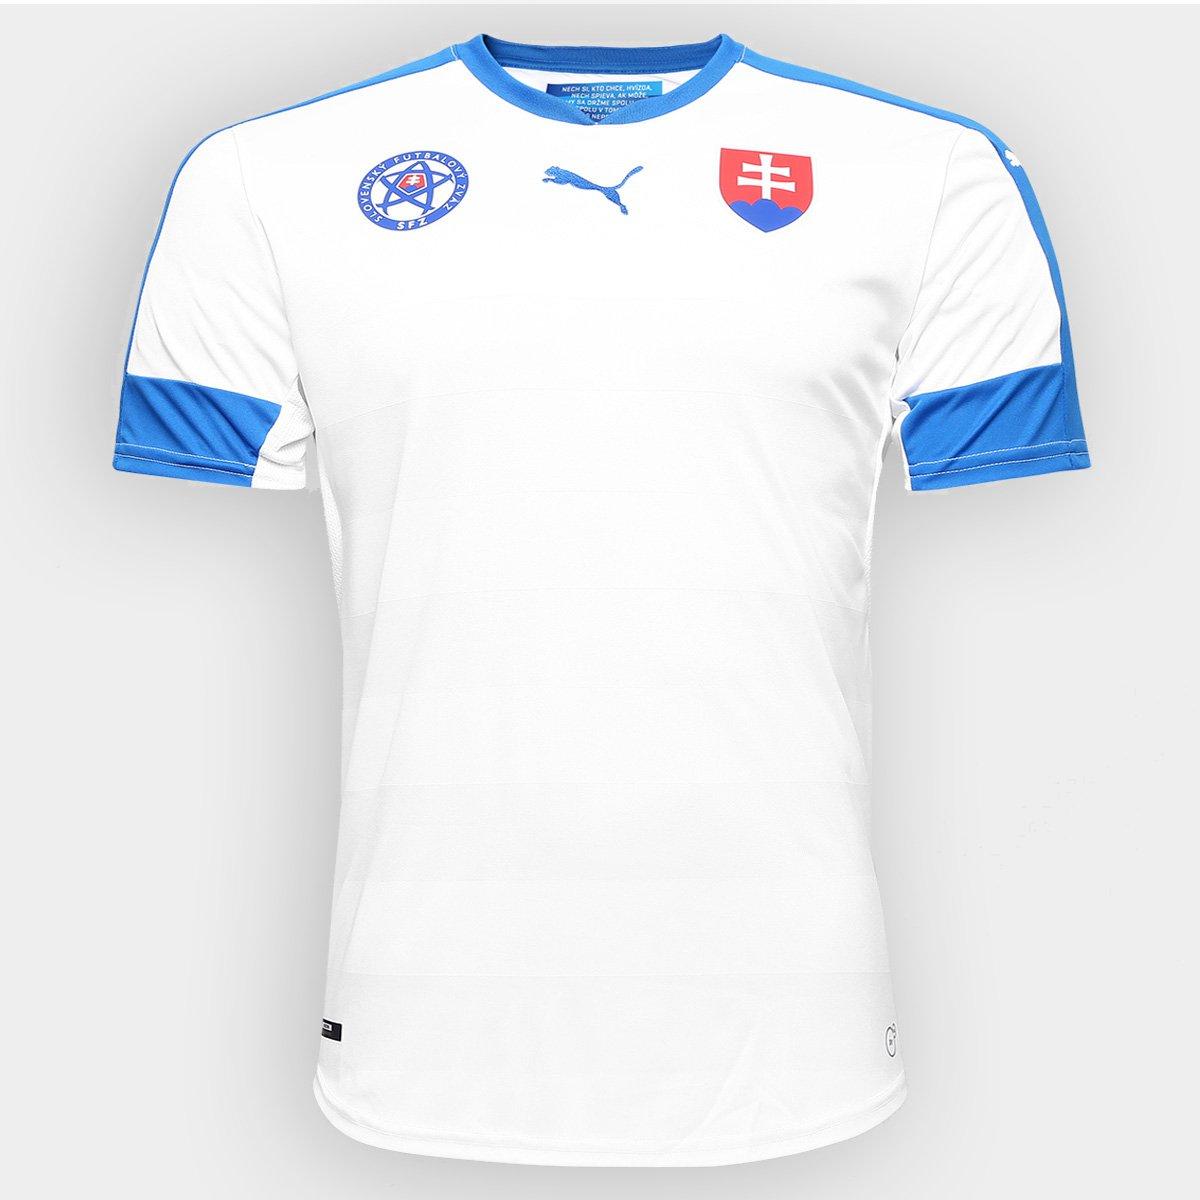 83ec75c6ca3e3 Camisa Seleção Eslováquia Home 2016 s nº - Torcedor Puma Masculina - Compre  Agora